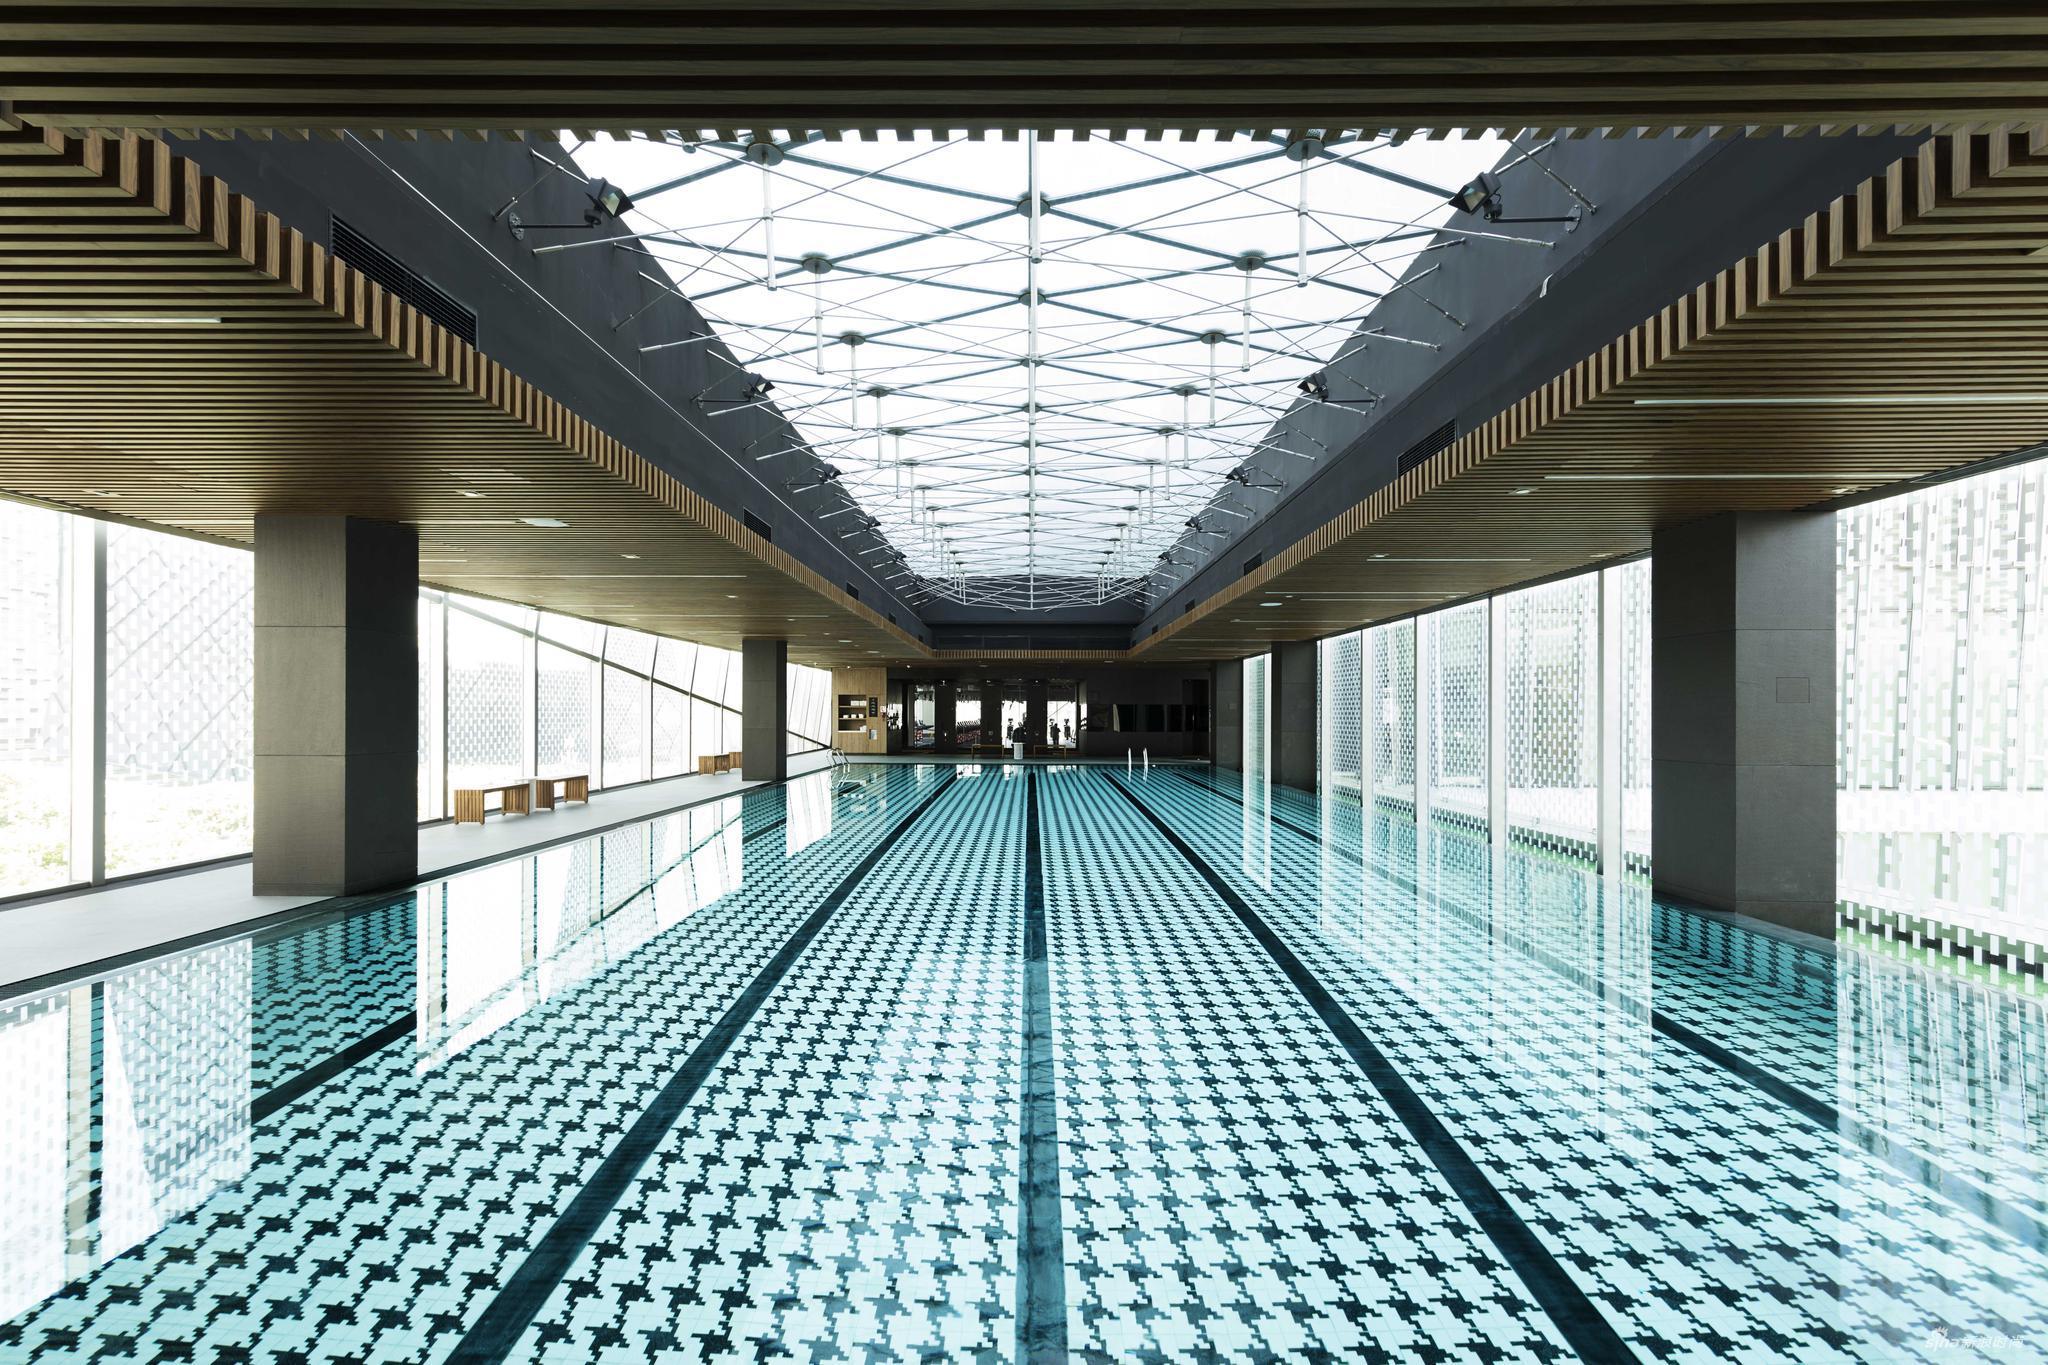 自然光线下的泳池